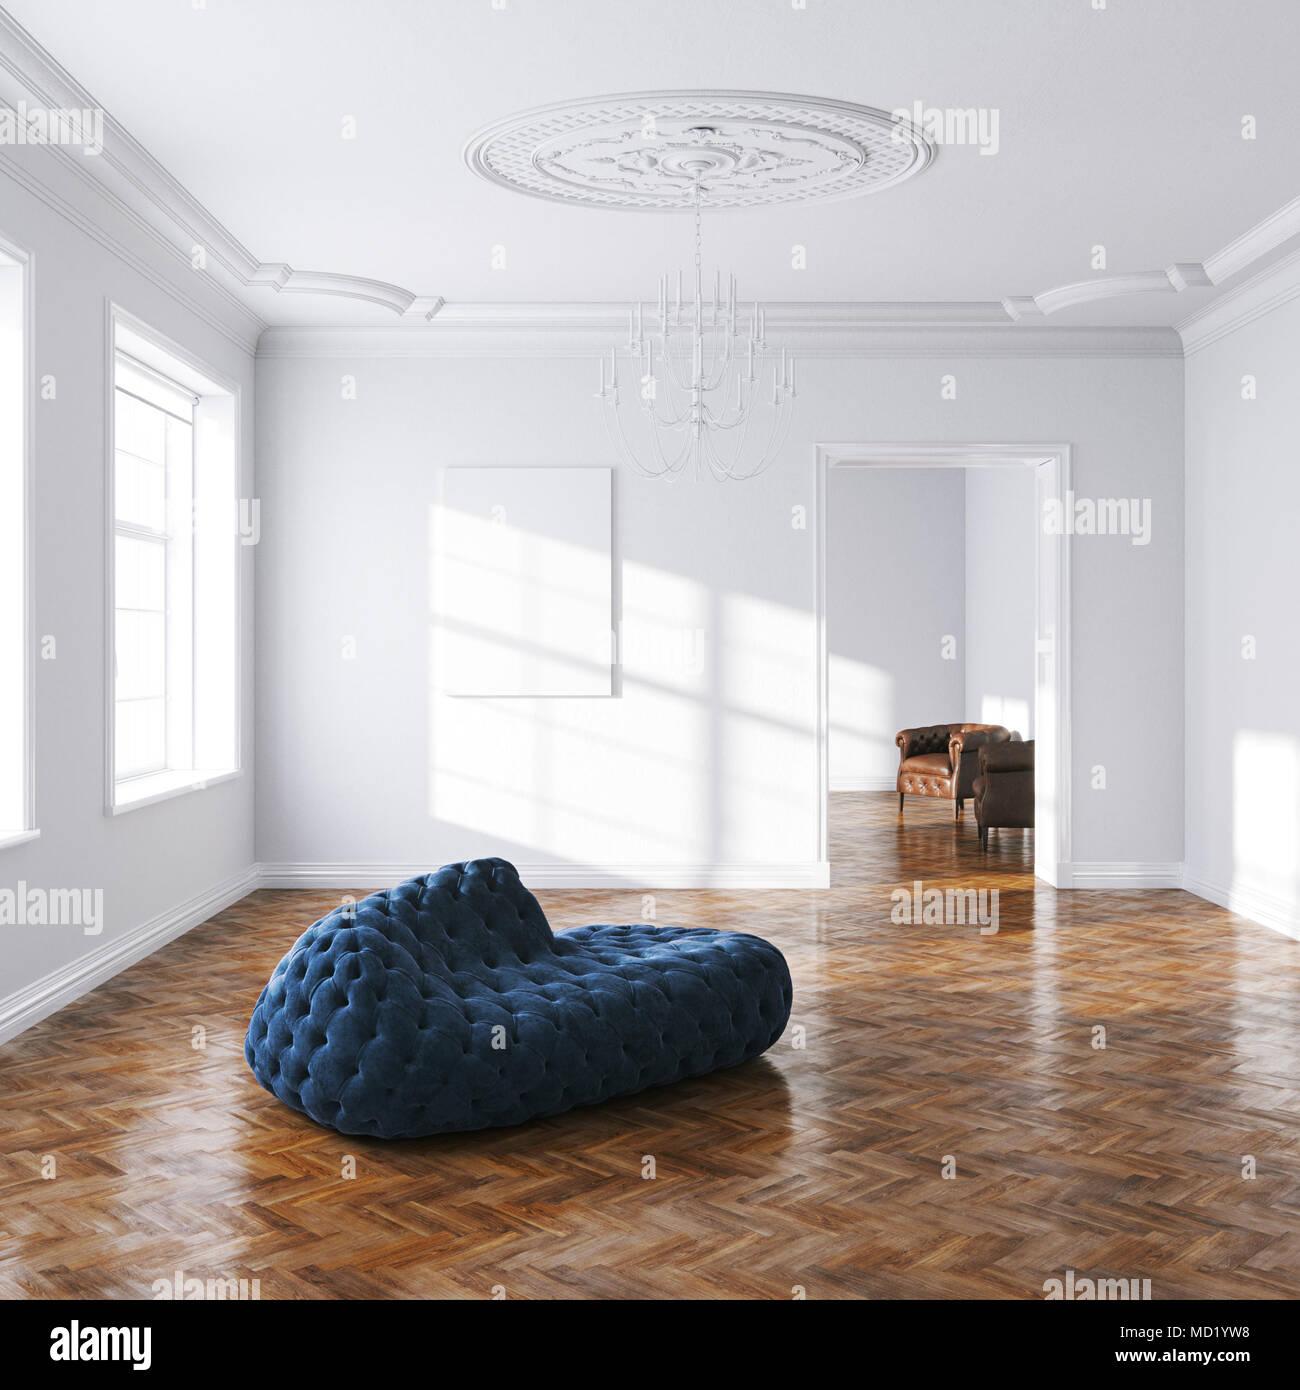 Vintage blue velvet sofa in white classic interior 3d render - Stock Image